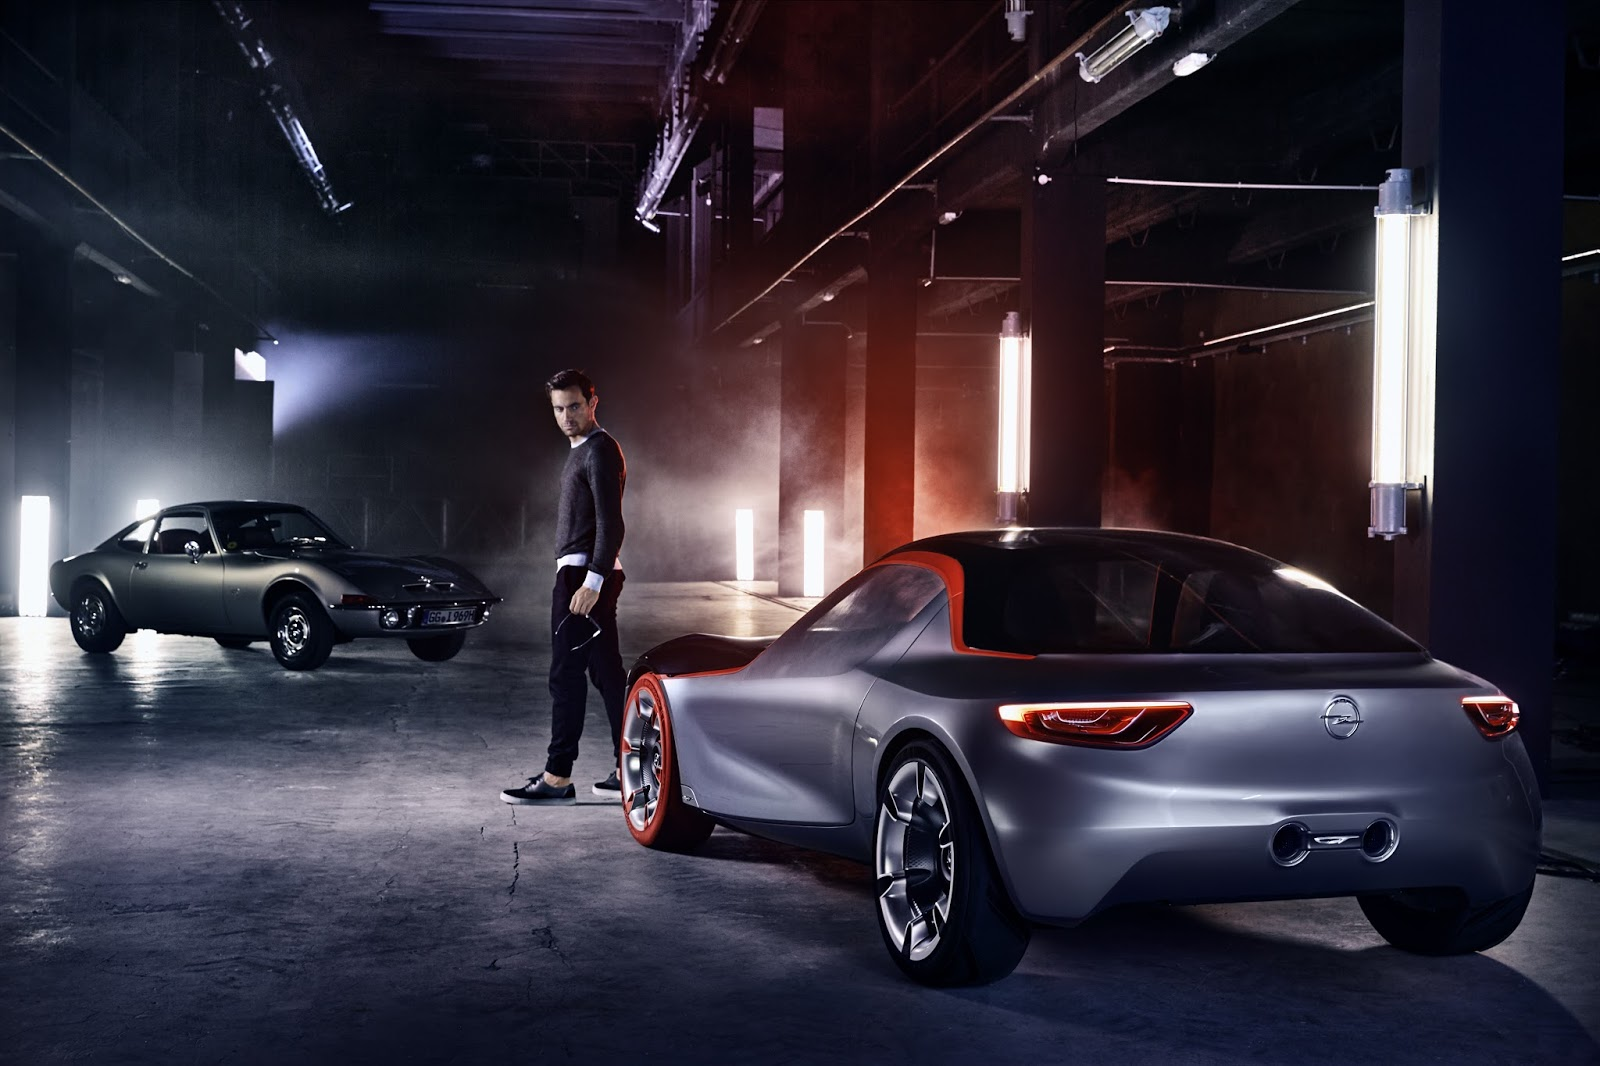 Opel GT Concept 296963 Opel GT Concept : Το Όνειρο Συνεχίζεται